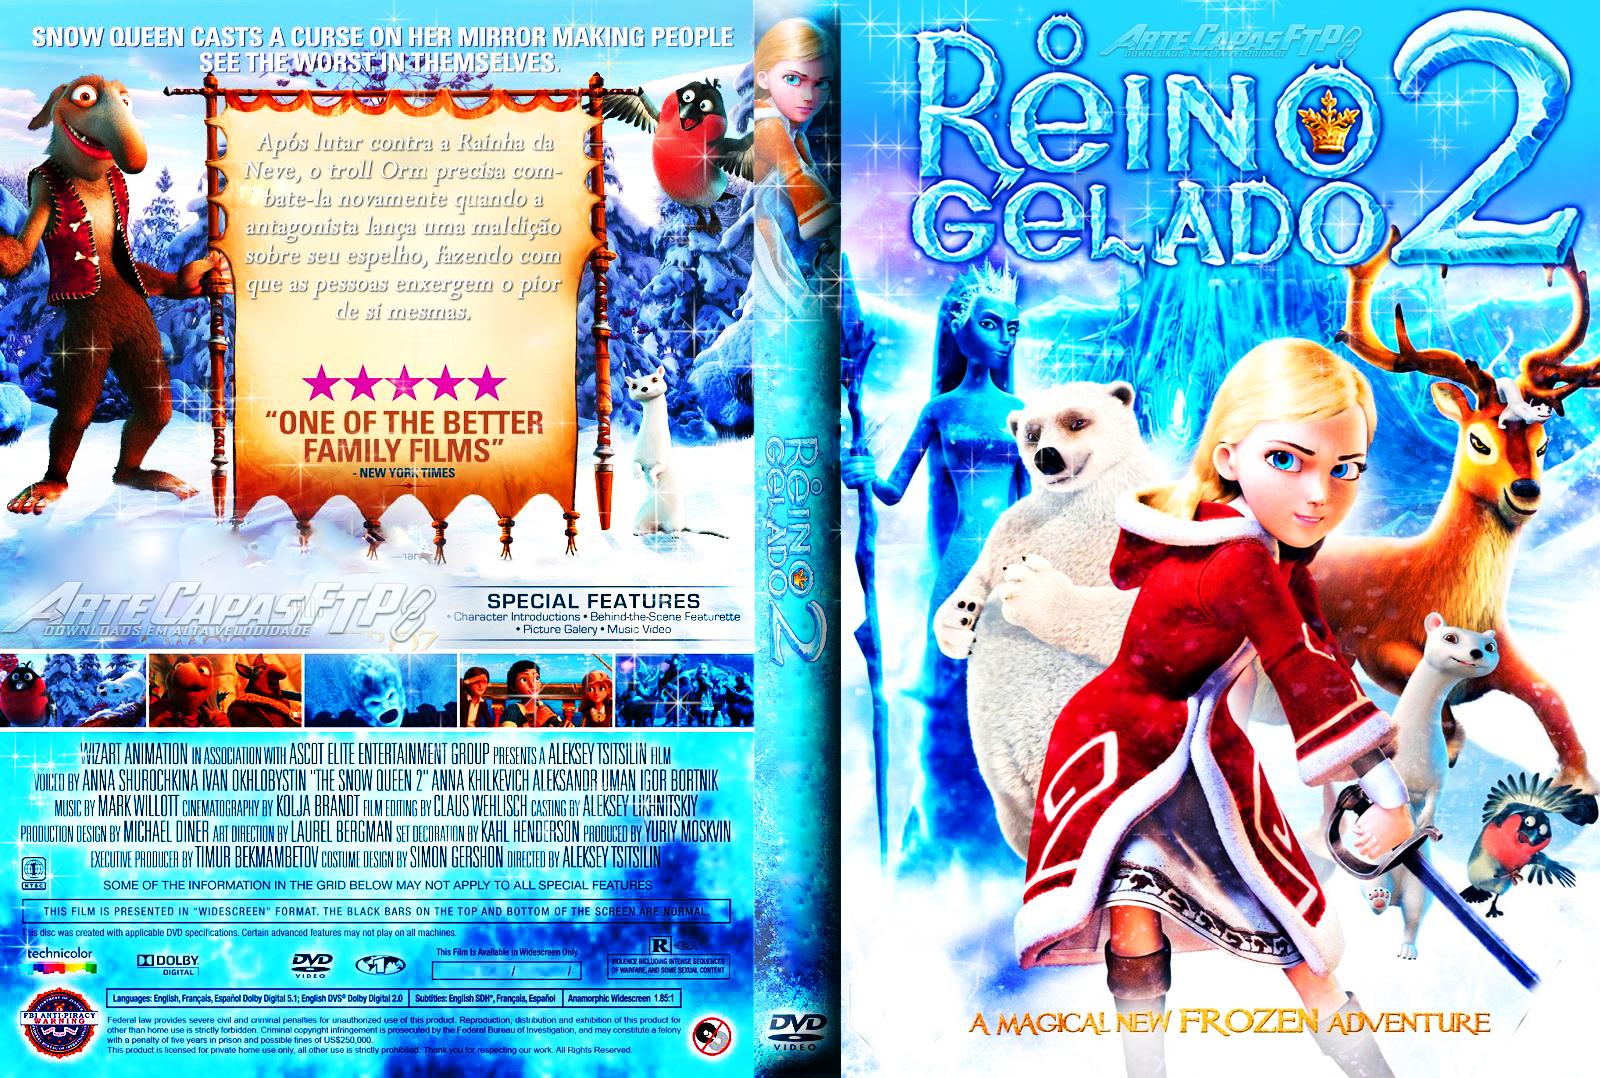 O Reino Gelado 2 BluRay 720p Dual Audio O 2BReino 2BGelado 2B2 2B  2BXANDAODOWNLOAD